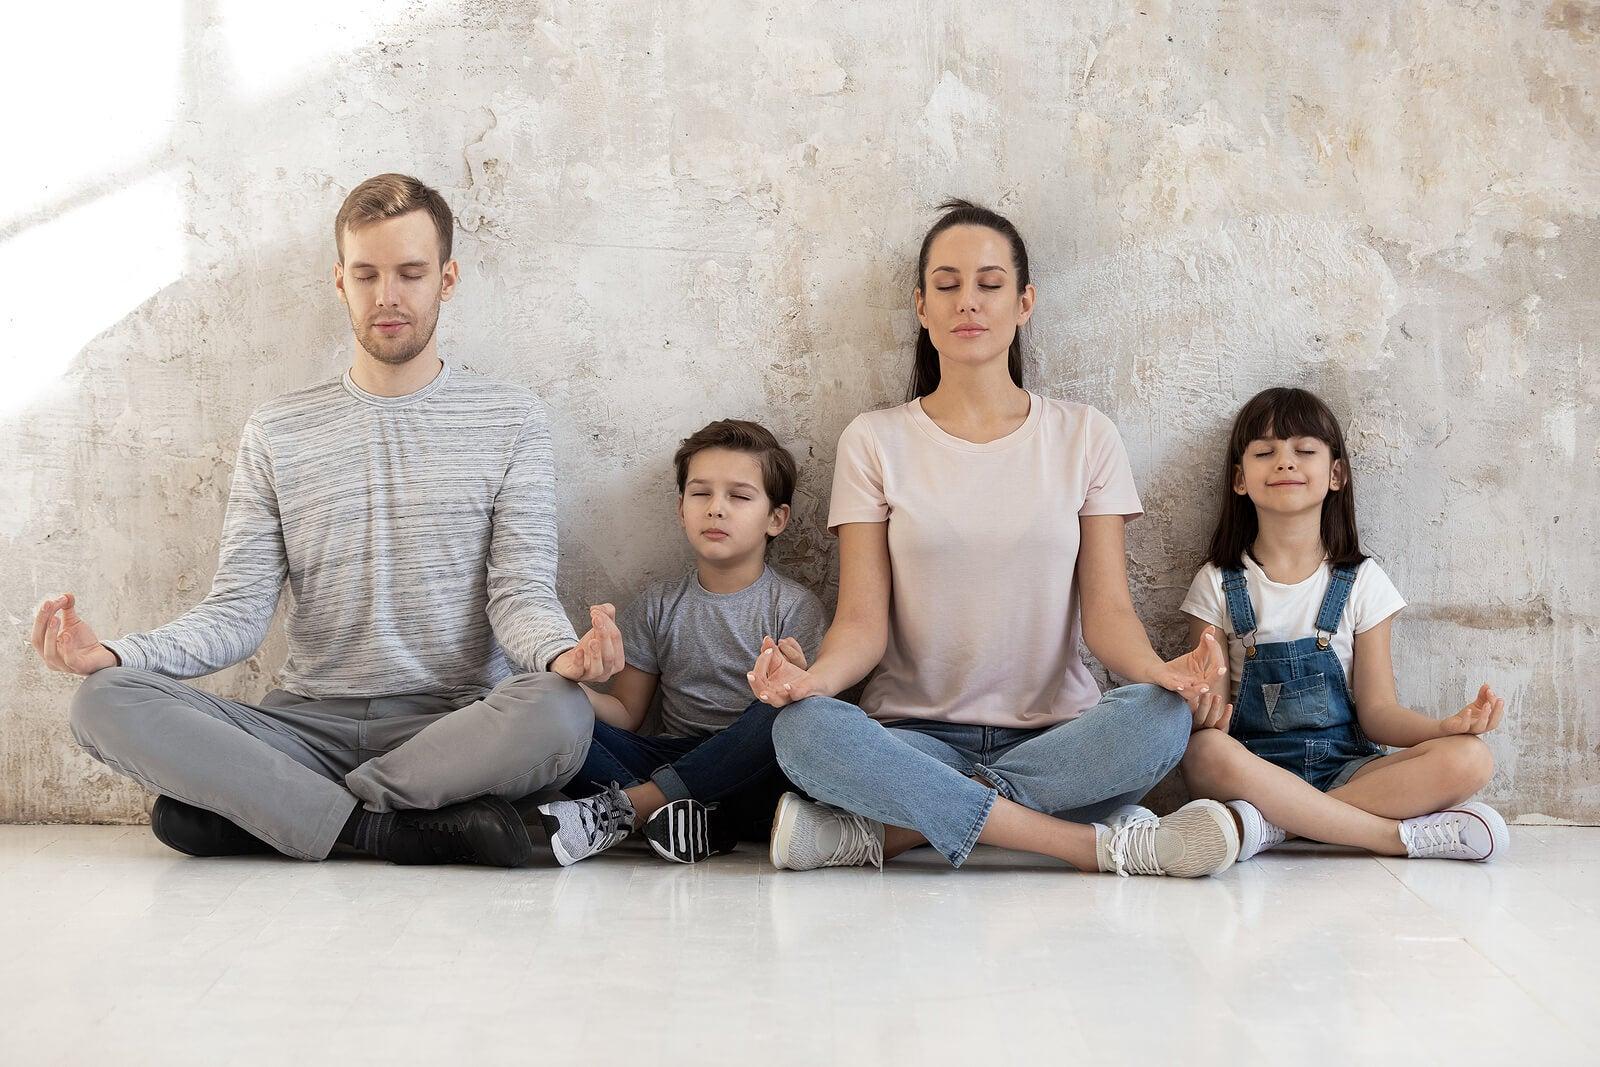 Familia practicando mindfulness parenting.